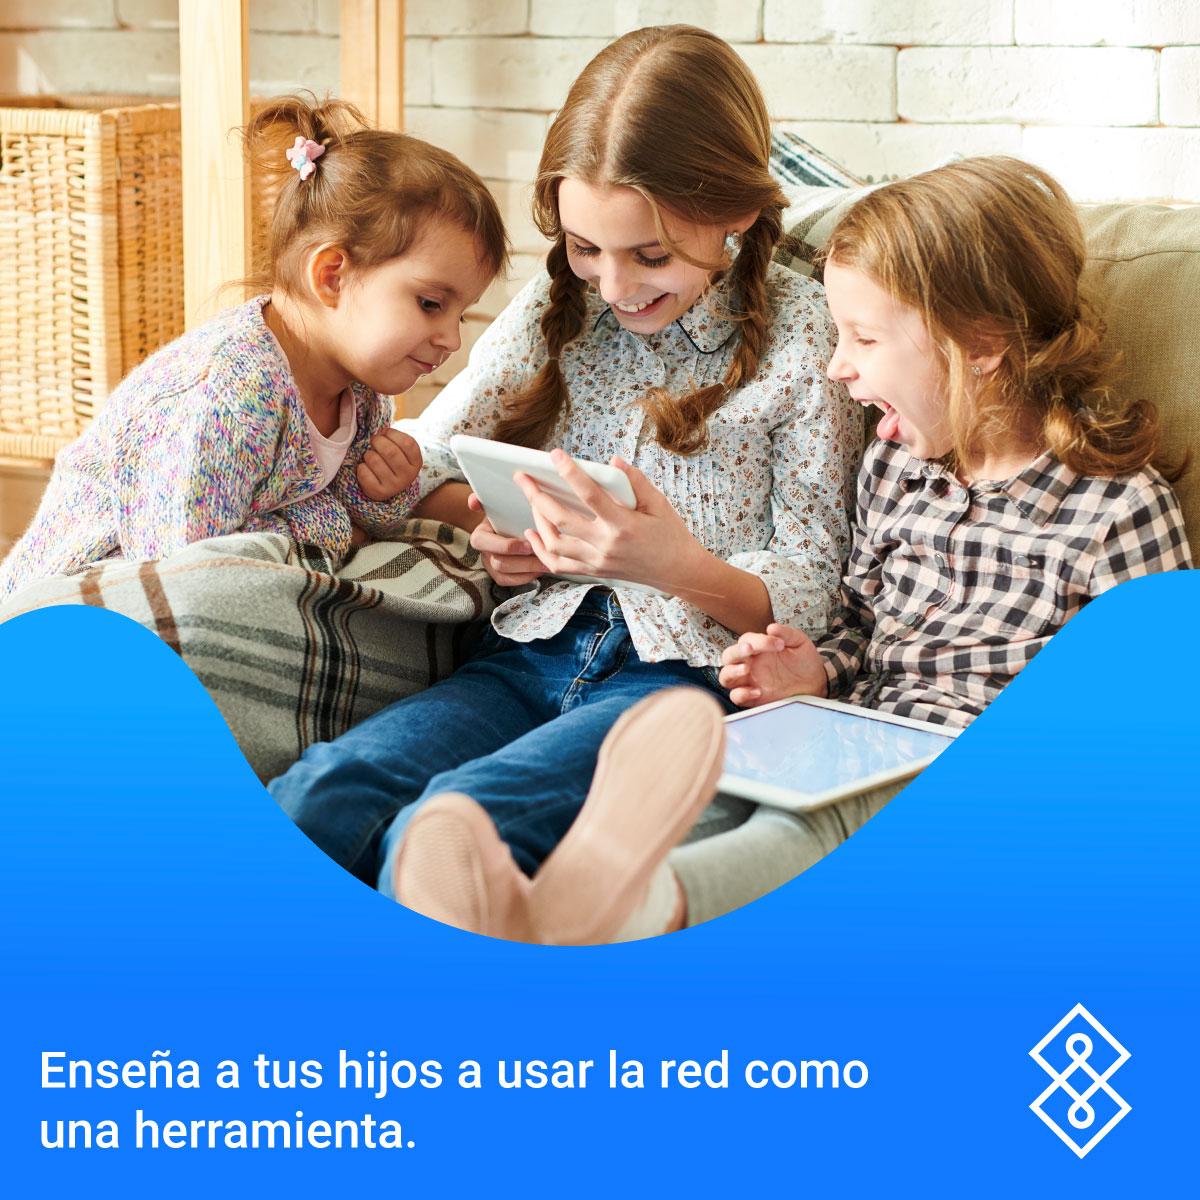 Hoy en día, los niños pasan parte de su tiempo en la red. Es importante ponerles atención para generar la interacción deseada como padres de familia. 📲👧🏻👦🏻  Conoce más: https://t.co/qZVxwgi12p https://t.co/sHd2zKeq0w